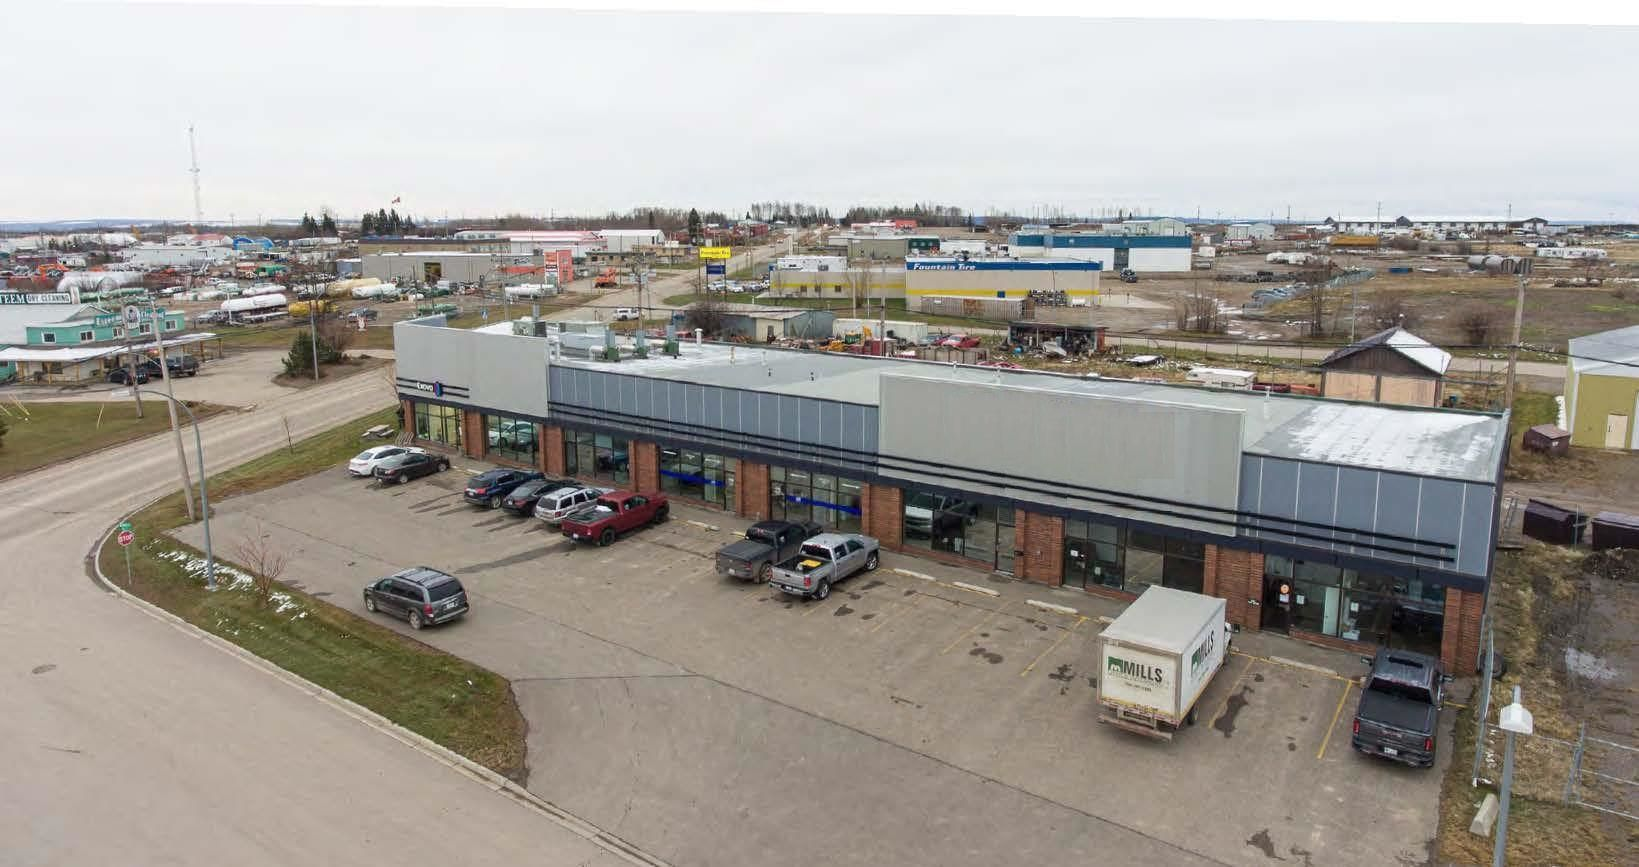 """Main Photo: 7 8822 100TH Street in Fort St. John: Fort St. John - City SE Industrial for lease in """"PROSPECT CENTRE"""" (Fort St. John (Zone 60))  : MLS®# C8034751"""